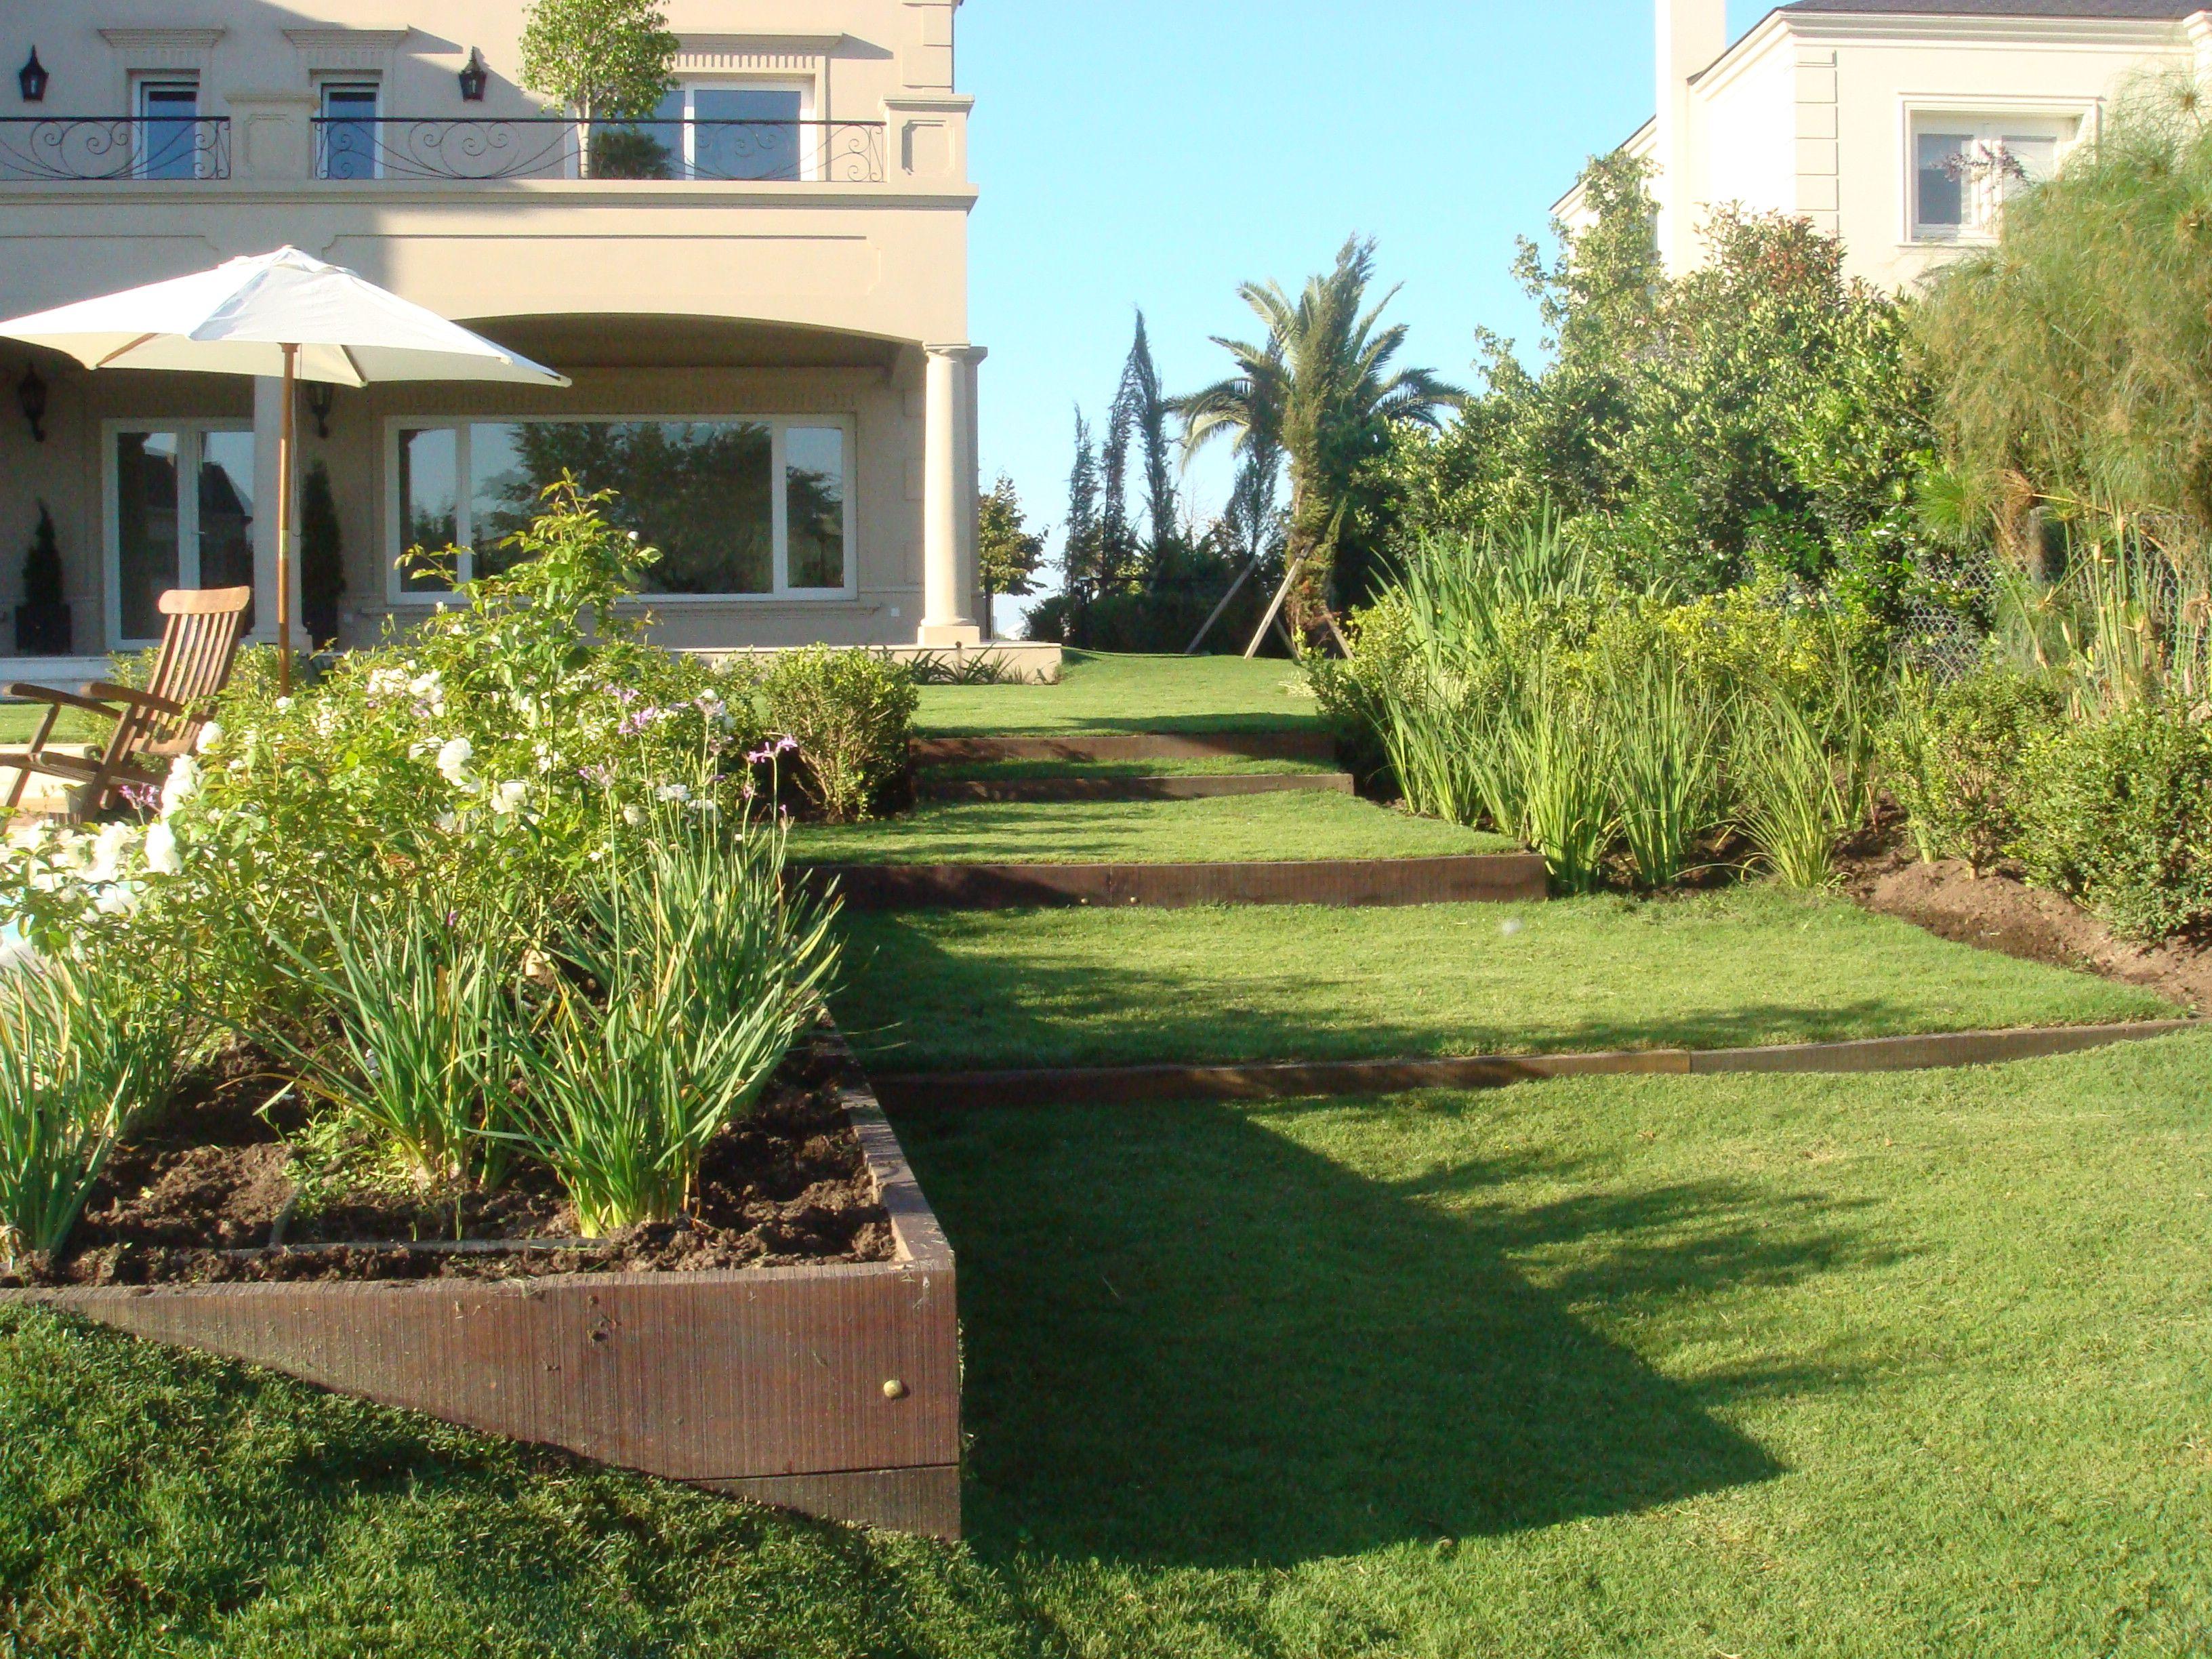 Mas madera y desniveles en un jardin piletas pinterest - Patios y jardines ...